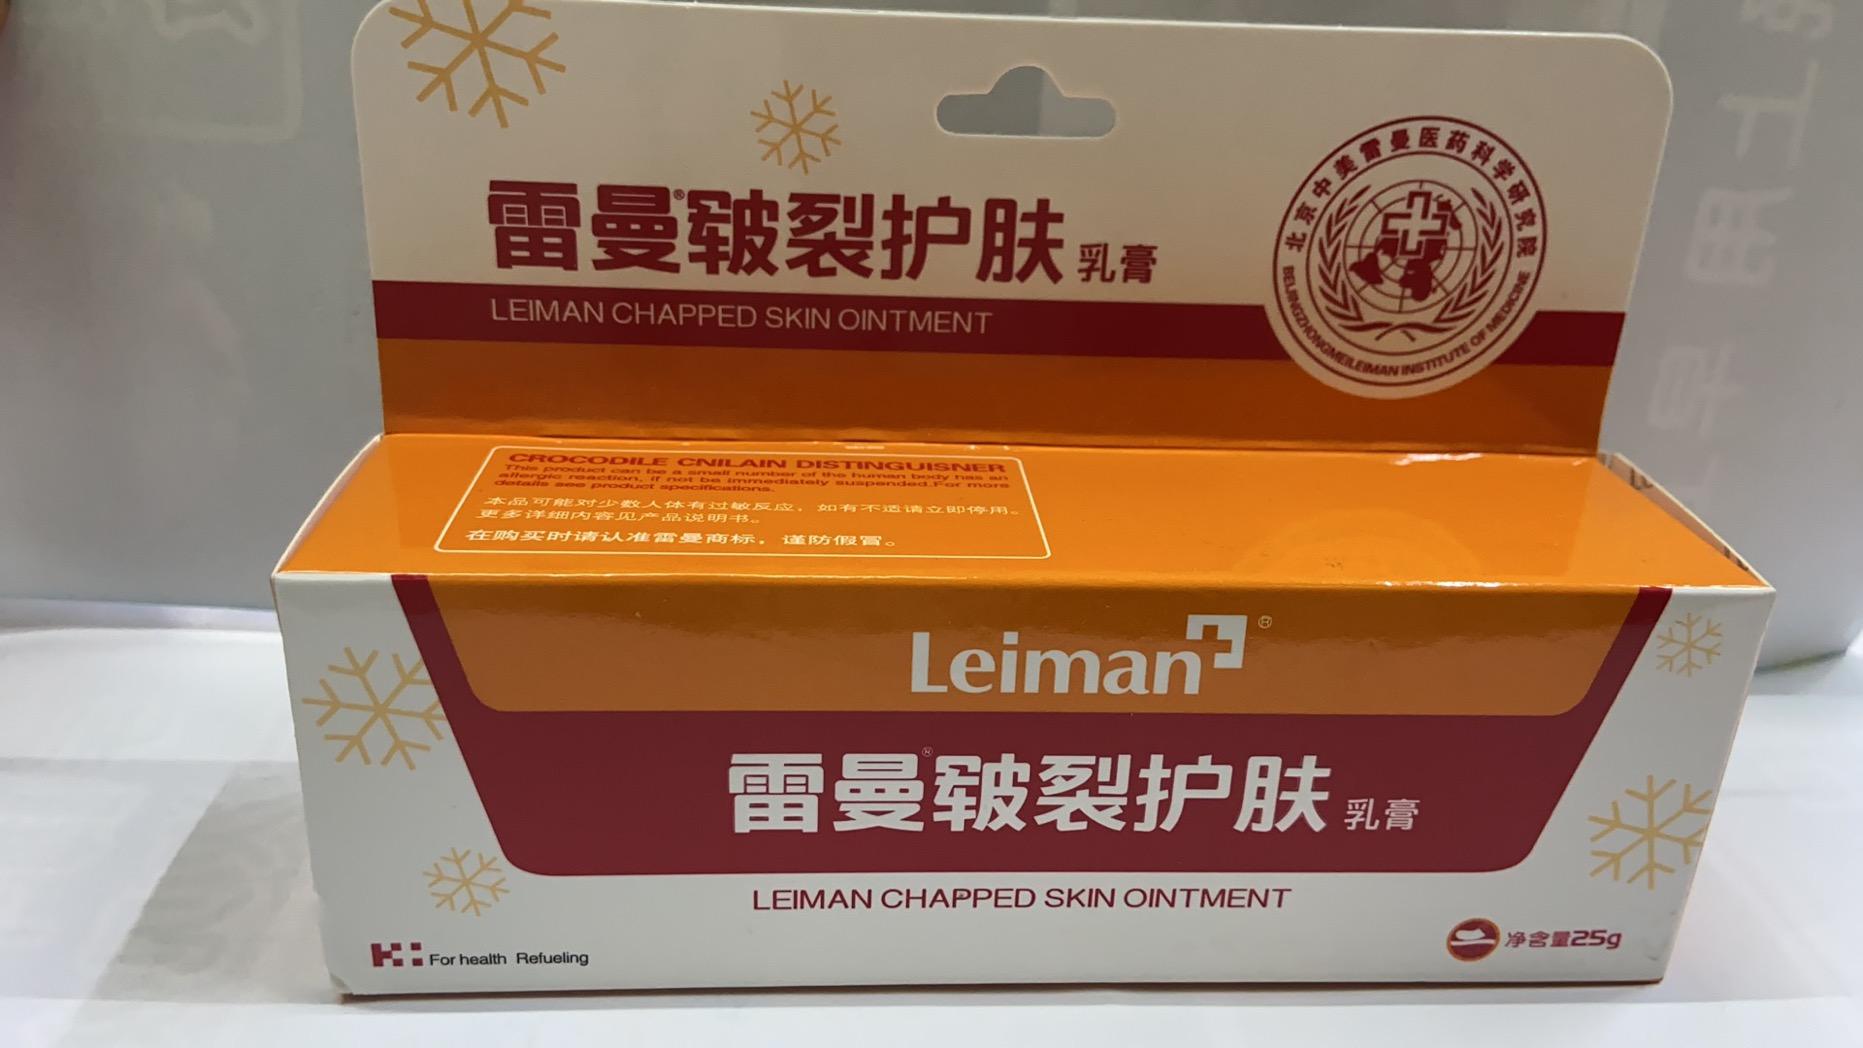 雷曼皲裂护肤乳膏